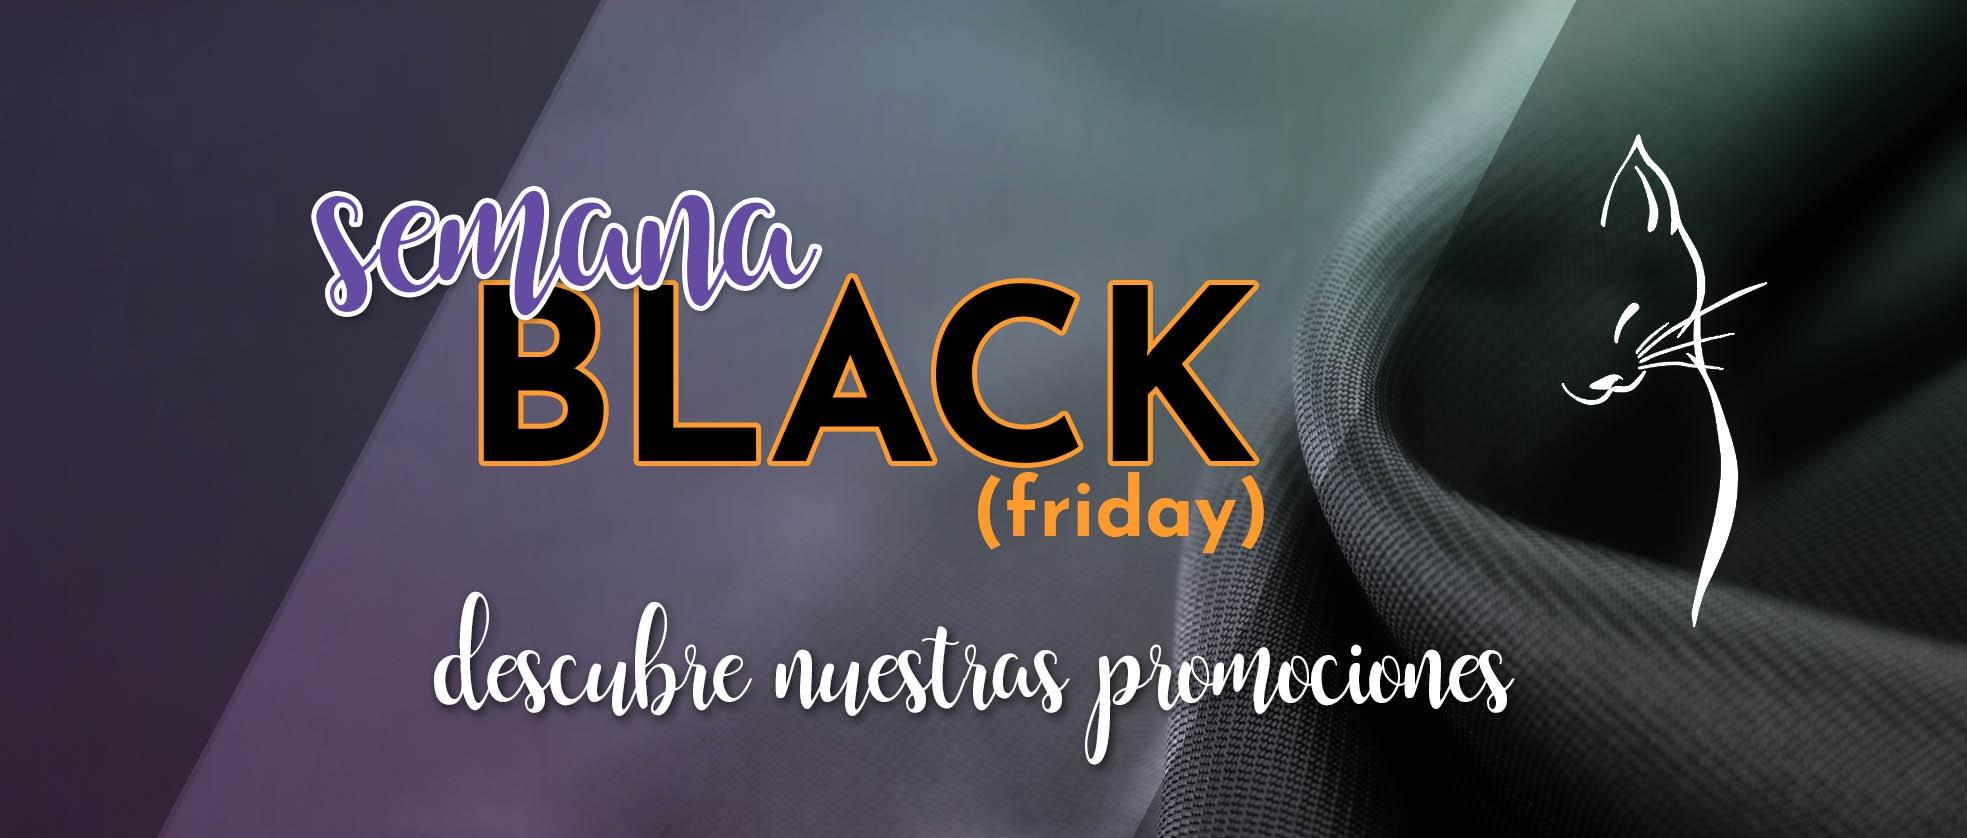 Semana Black (friday)